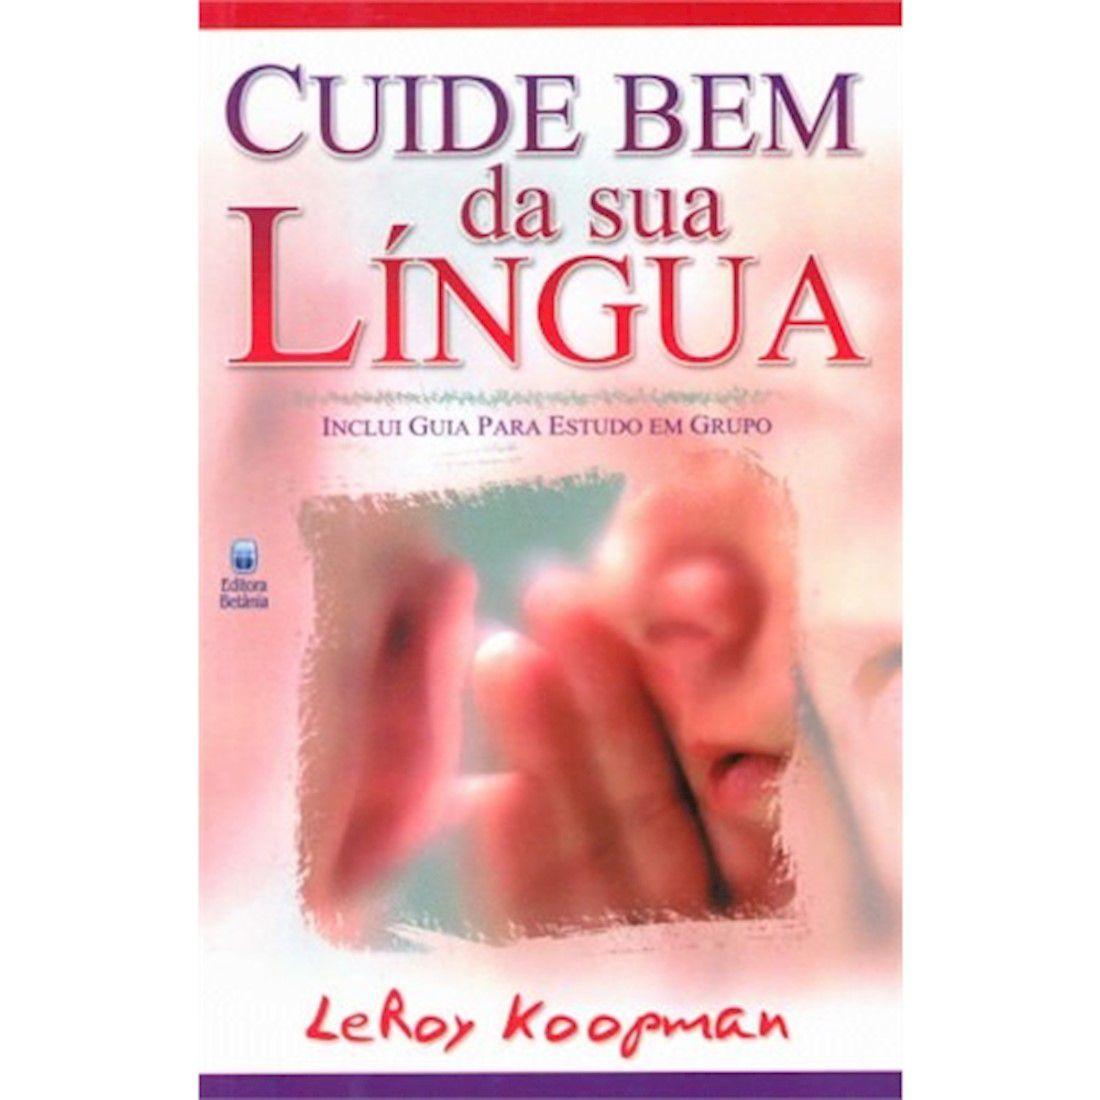 Livro Cuide Bem da Sua Língua